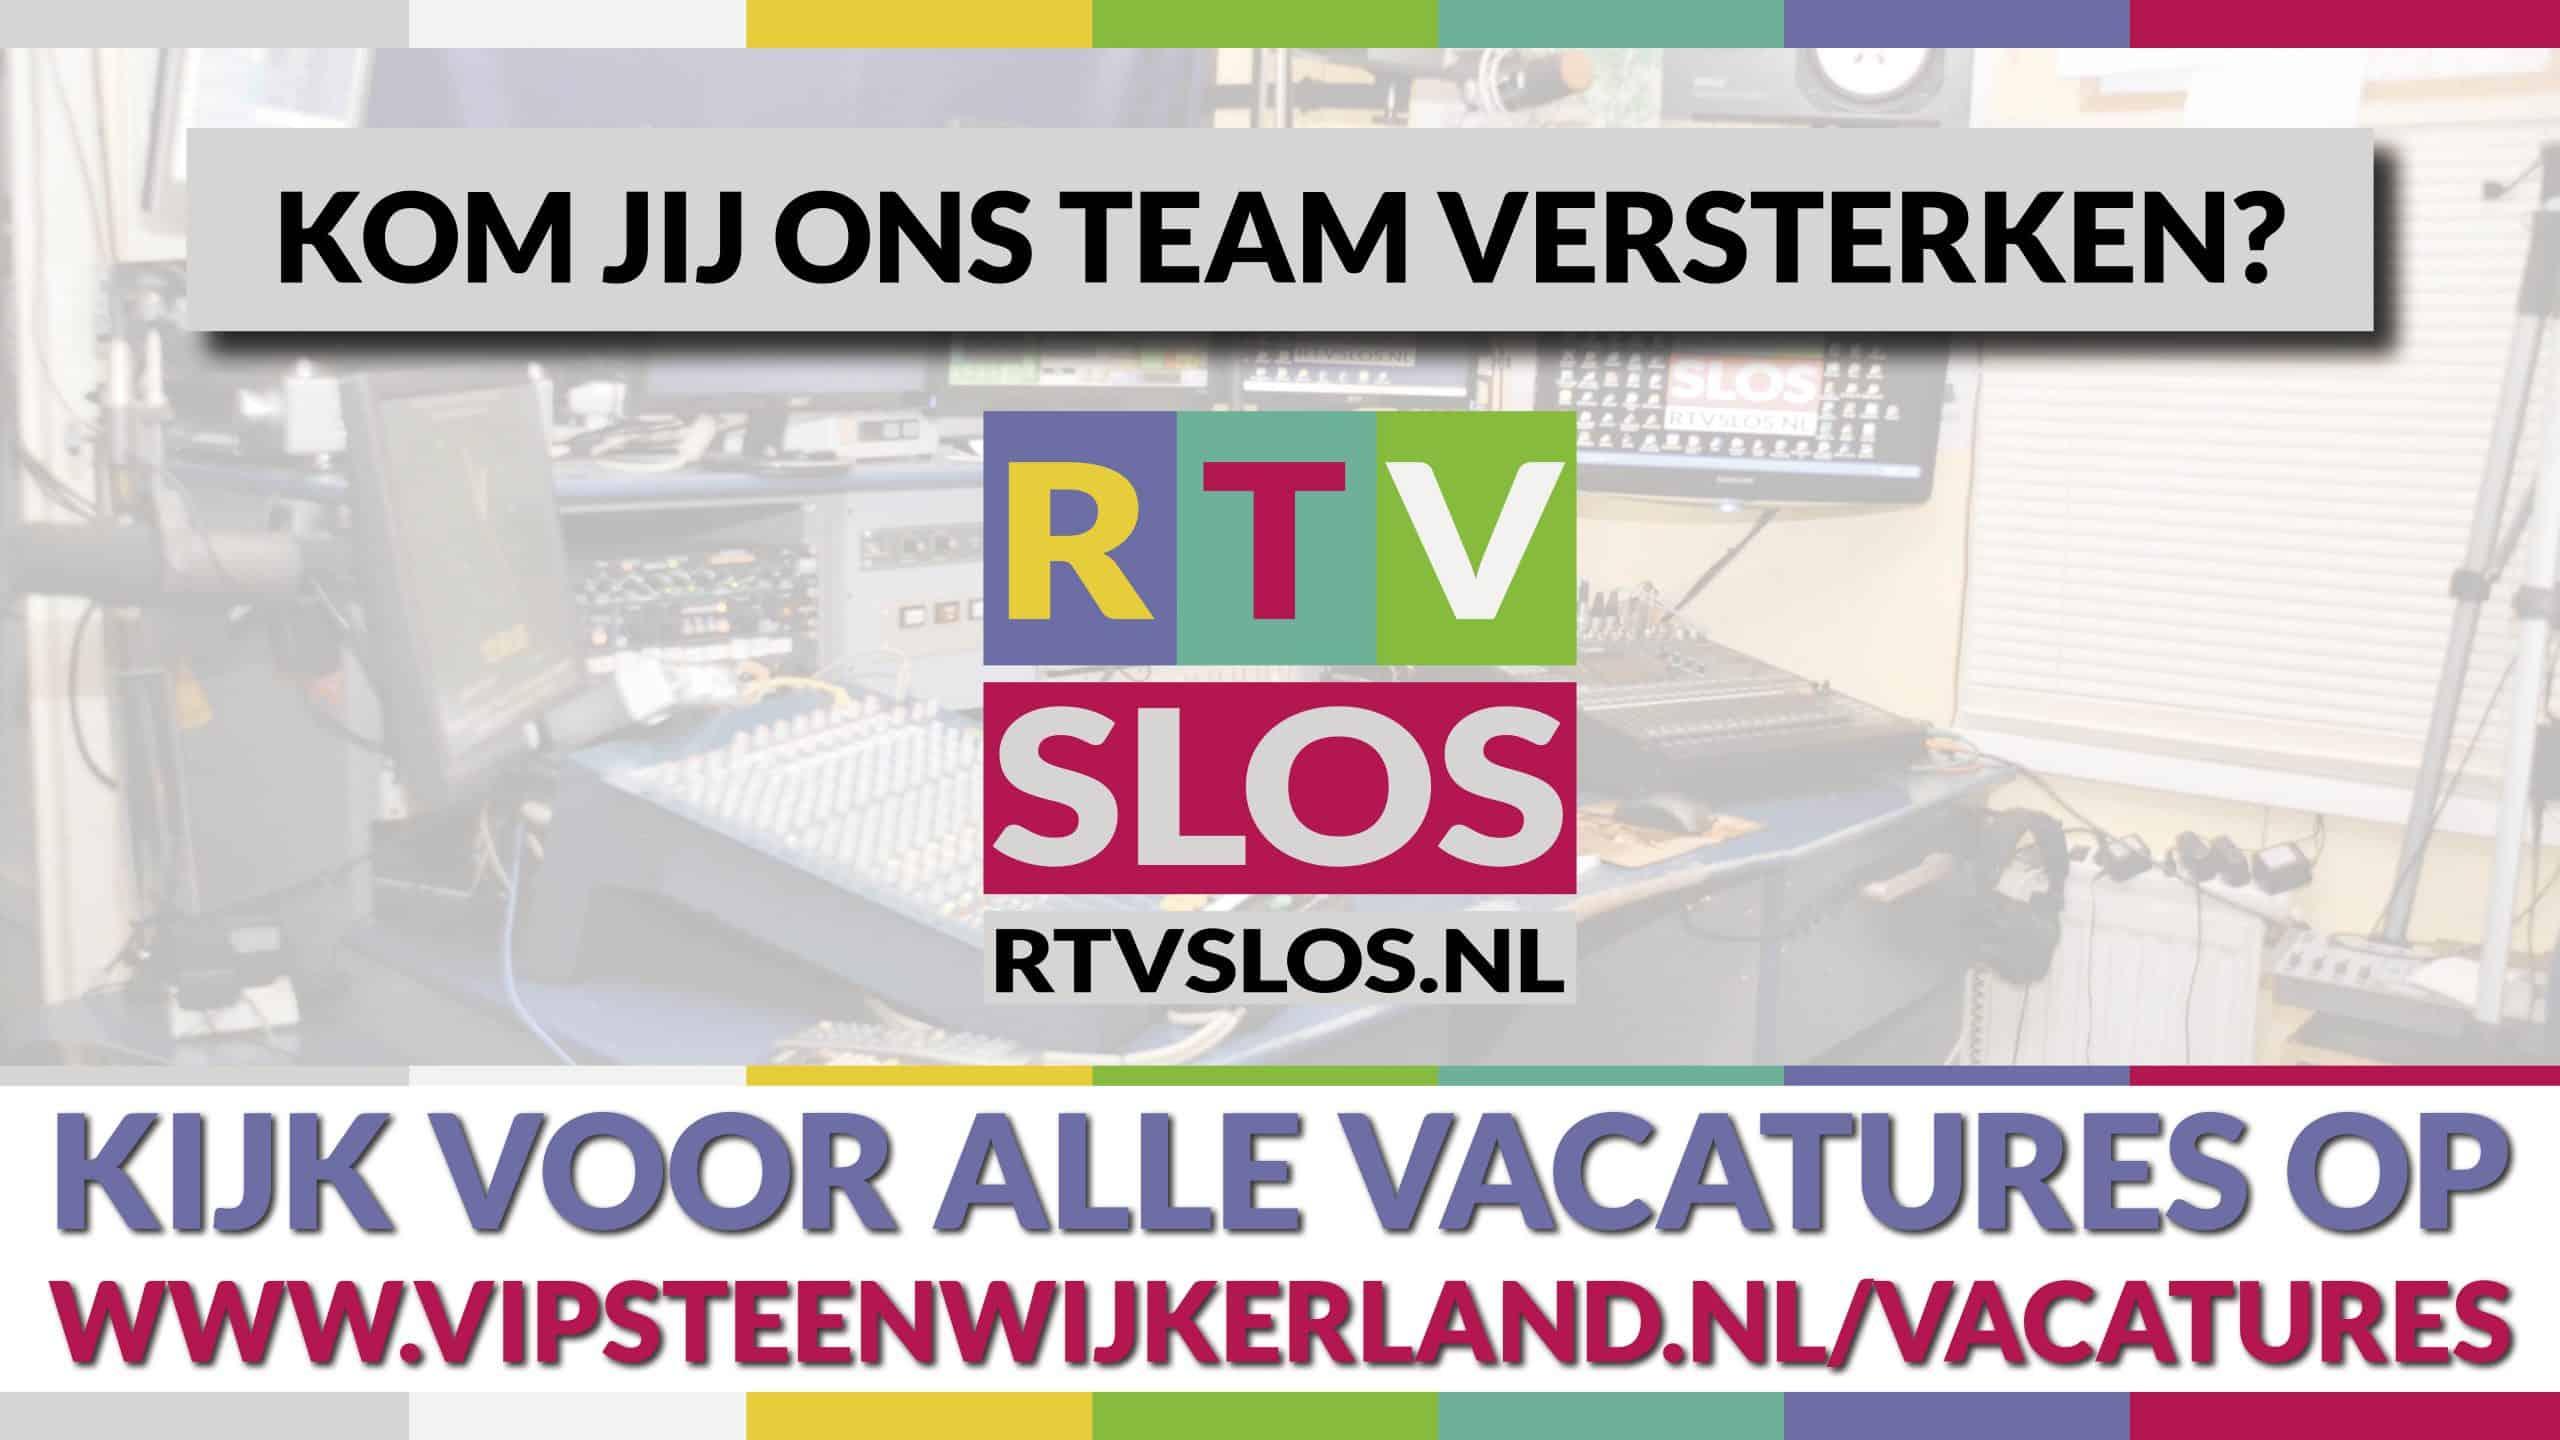 TV-1920 x 1080-114